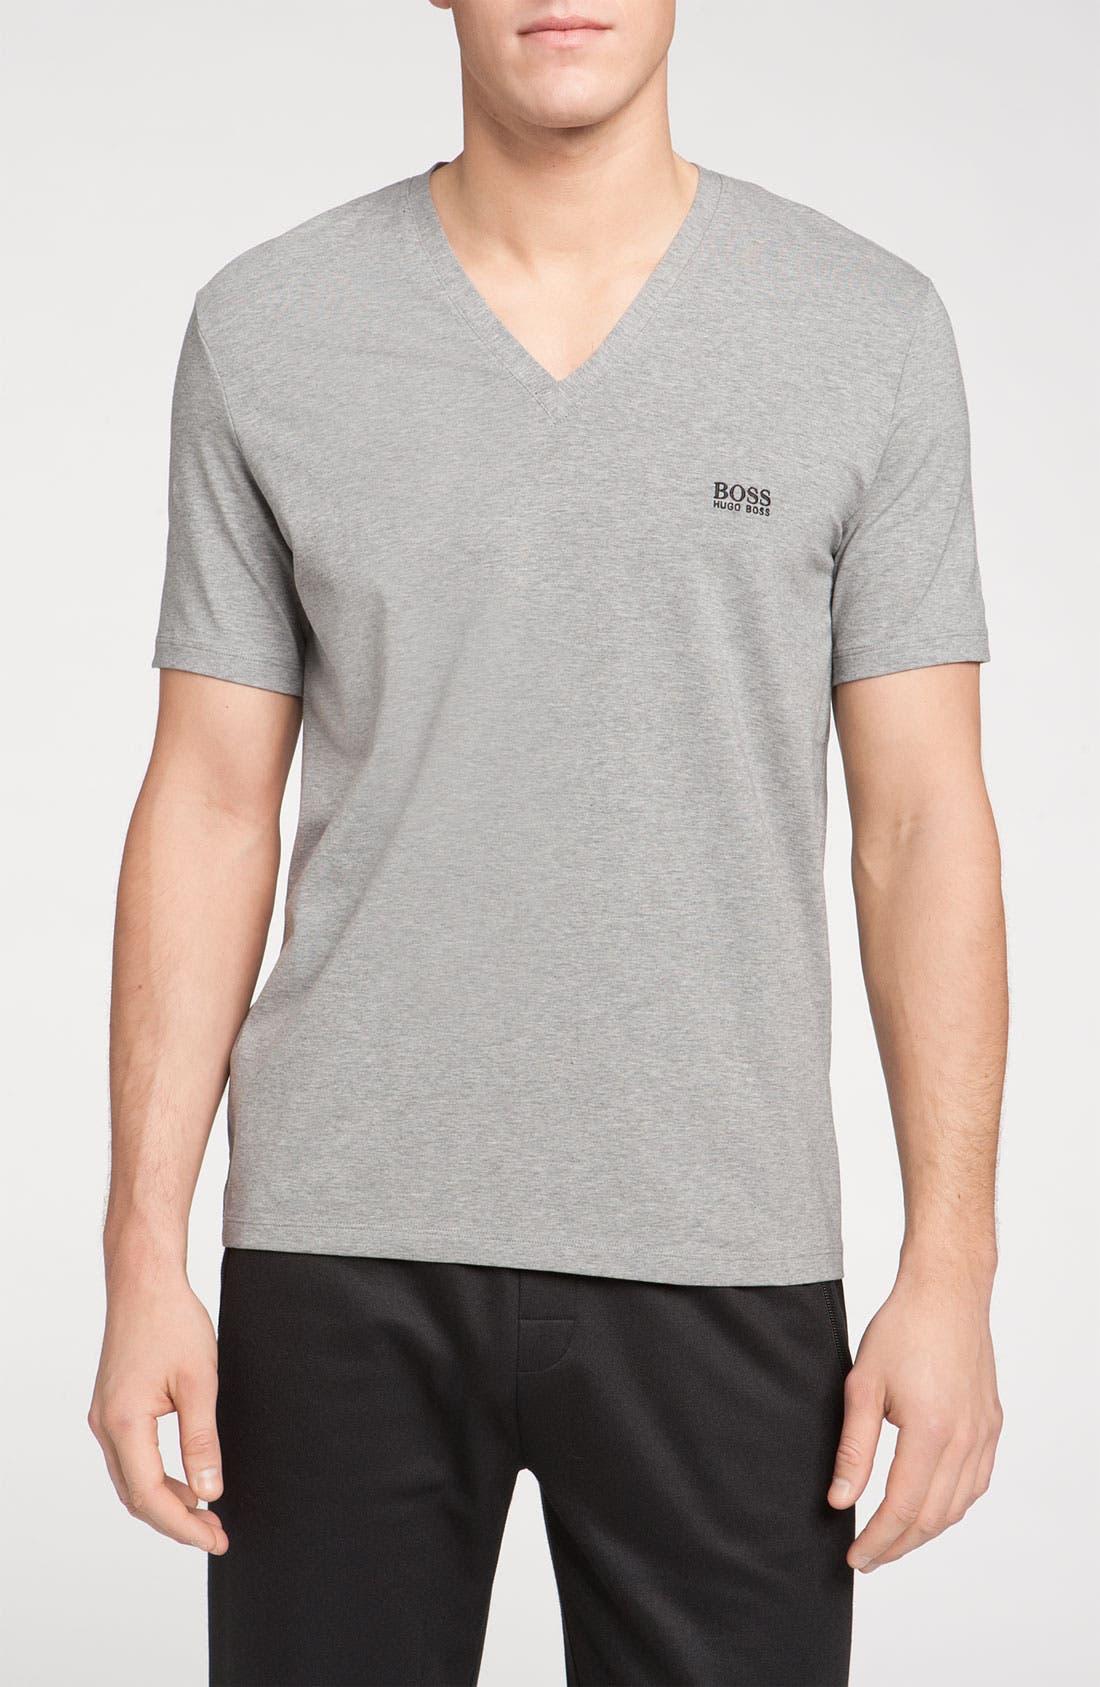 Alternate Image 1 Selected - BOSS Black 'Innovation 3' T-Shirt